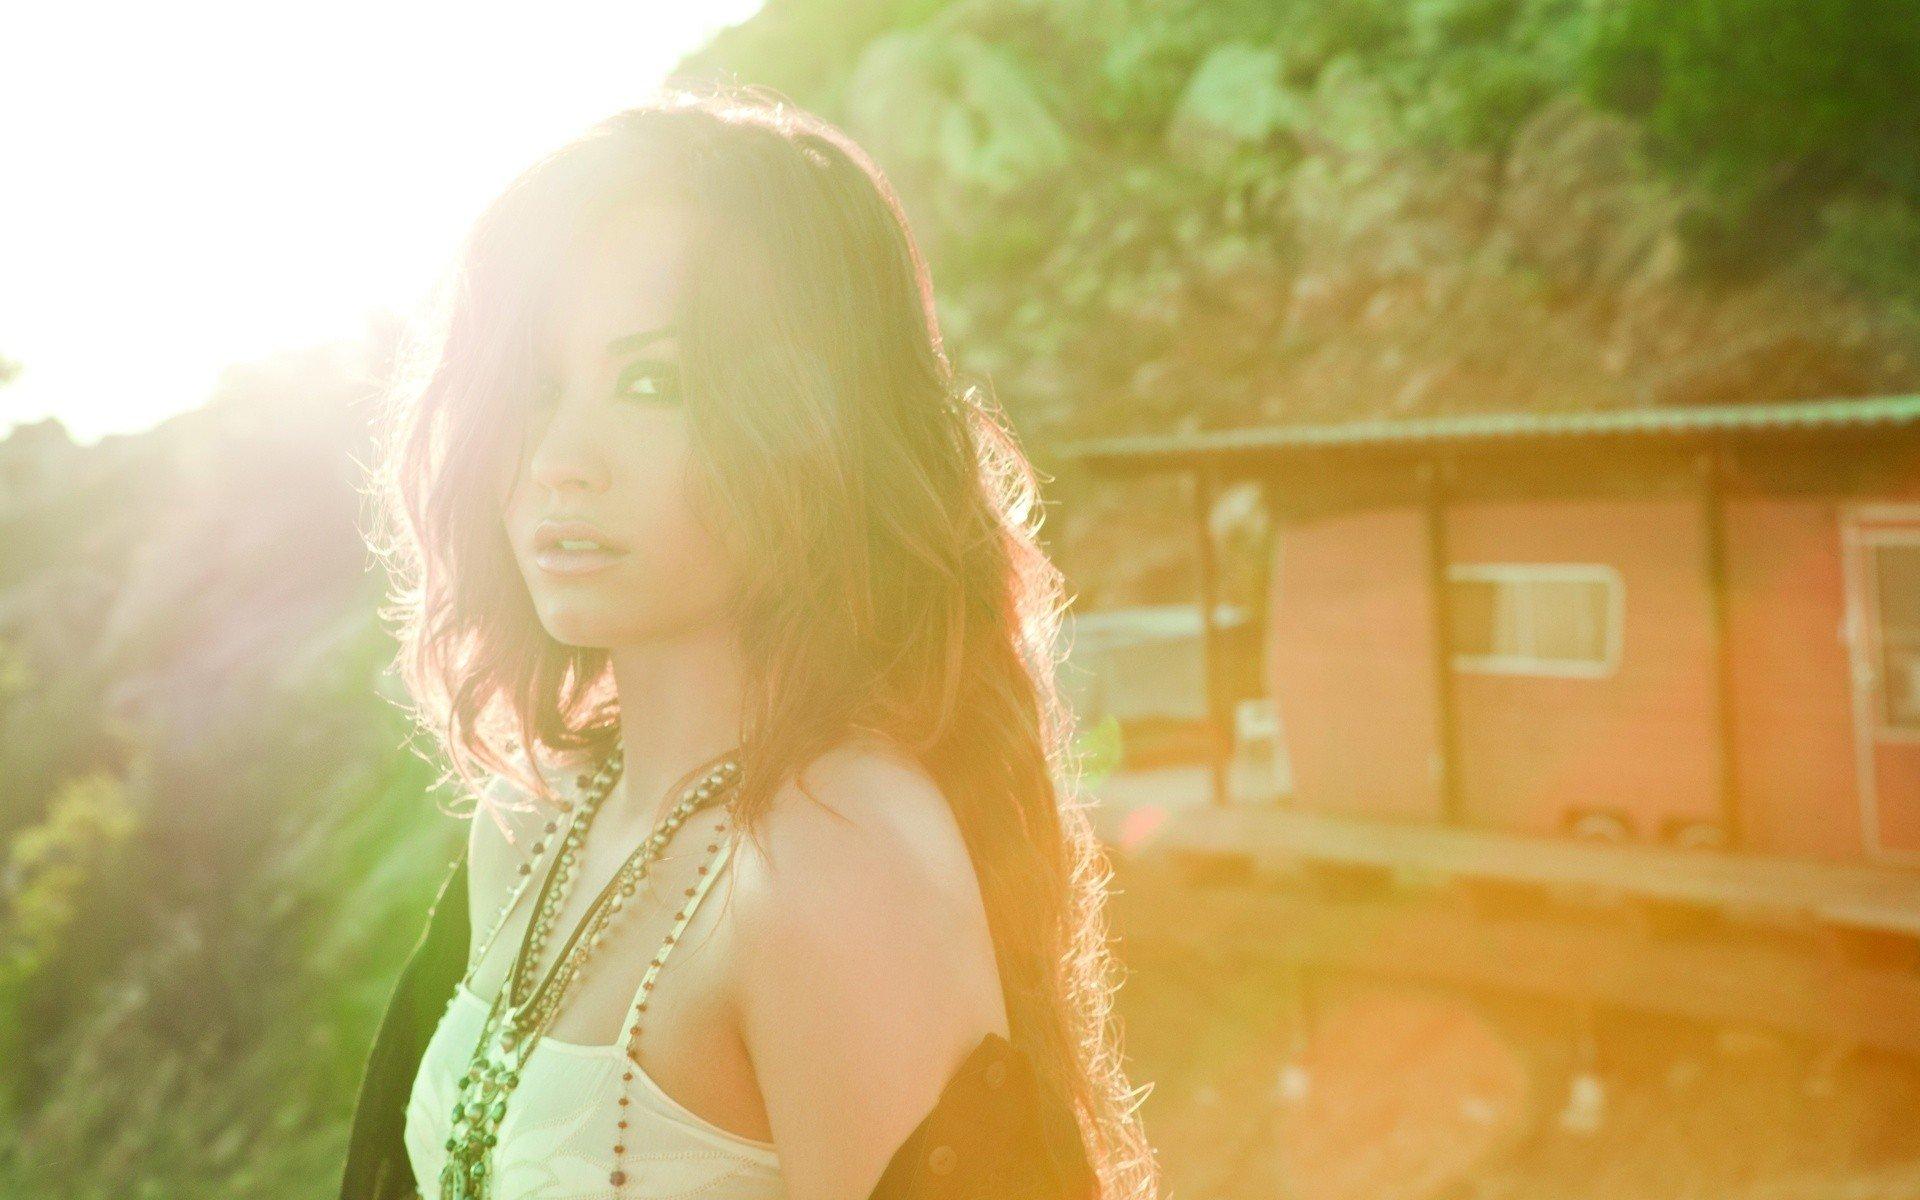 Demi Lovato, Women, Face, Sunlight, Singer Wallpaper